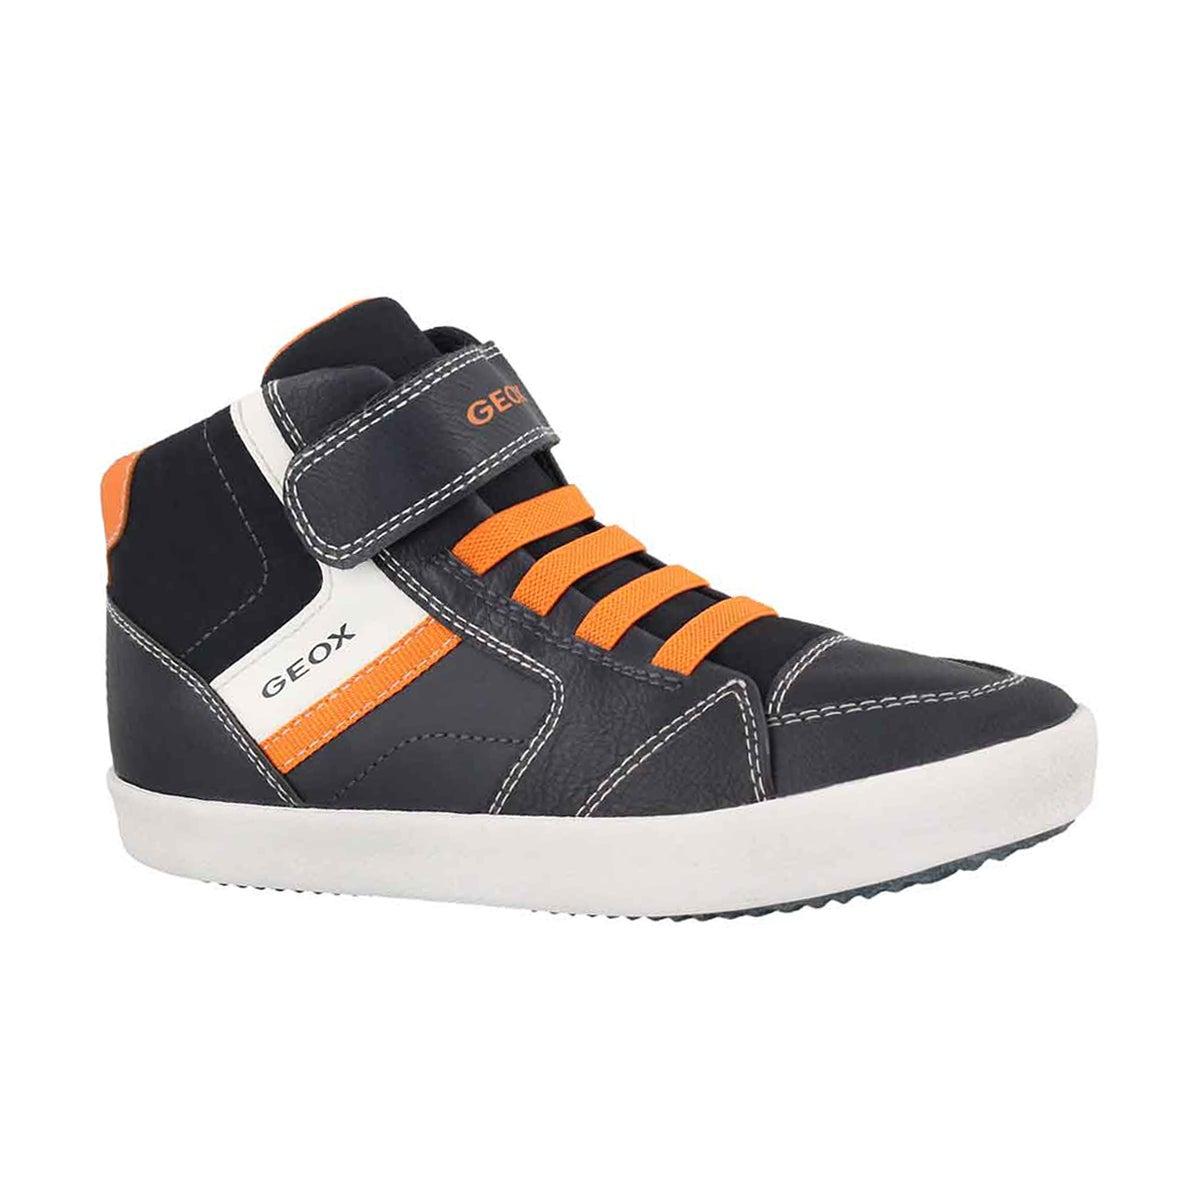 e02b76723 Boys  J GISLI HI navy orange sneakers